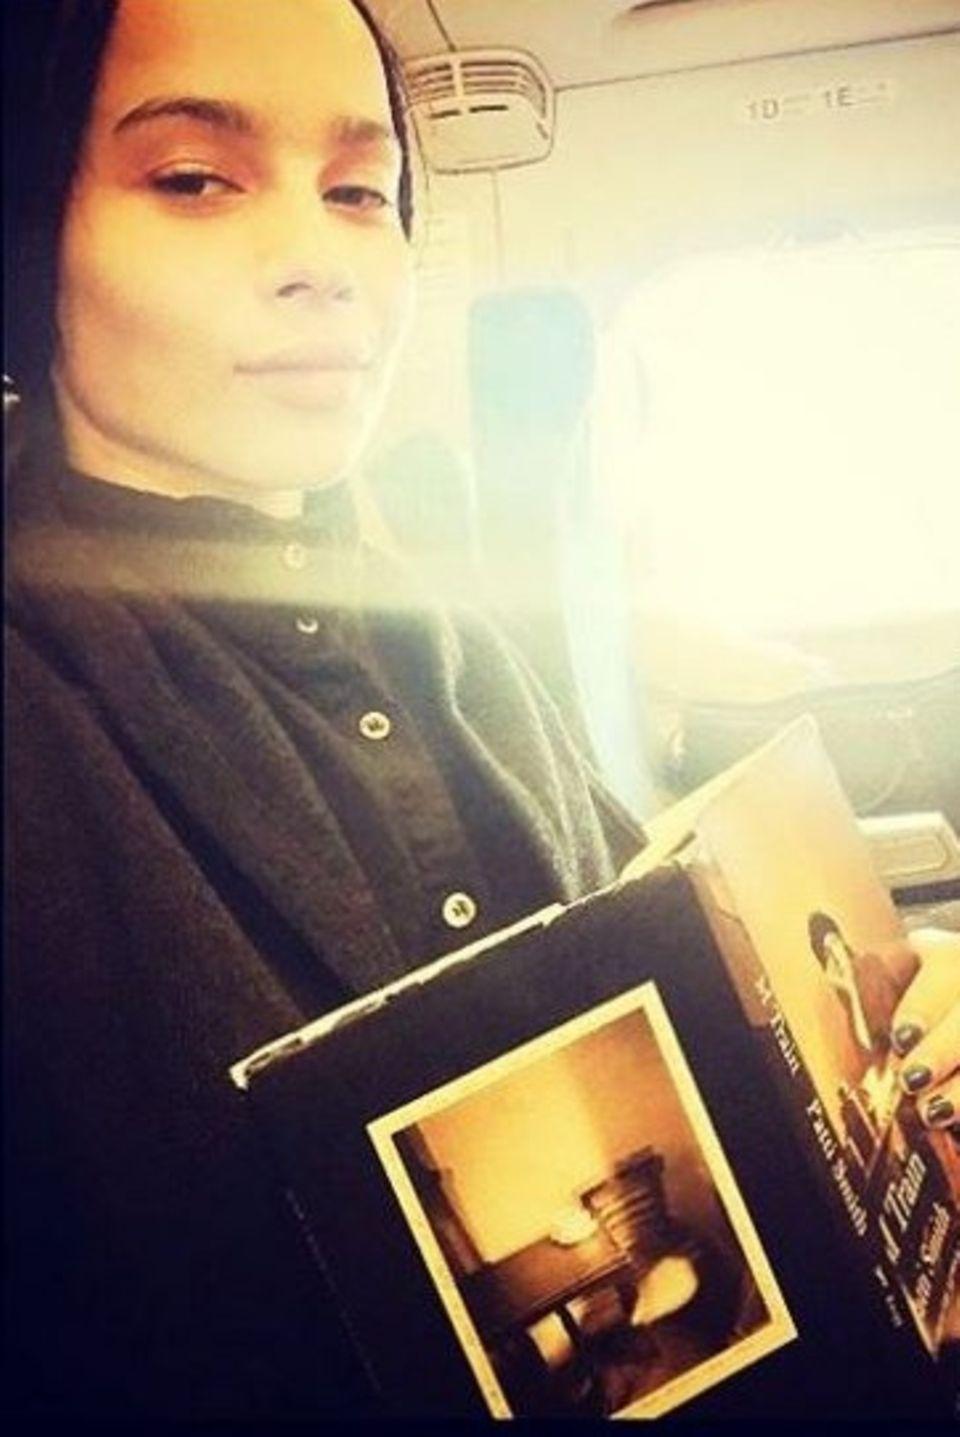 Zoe Kravitz vetreibt sich die Zeit im Flieger mit einem Buch von Patti Smith: MTrain.